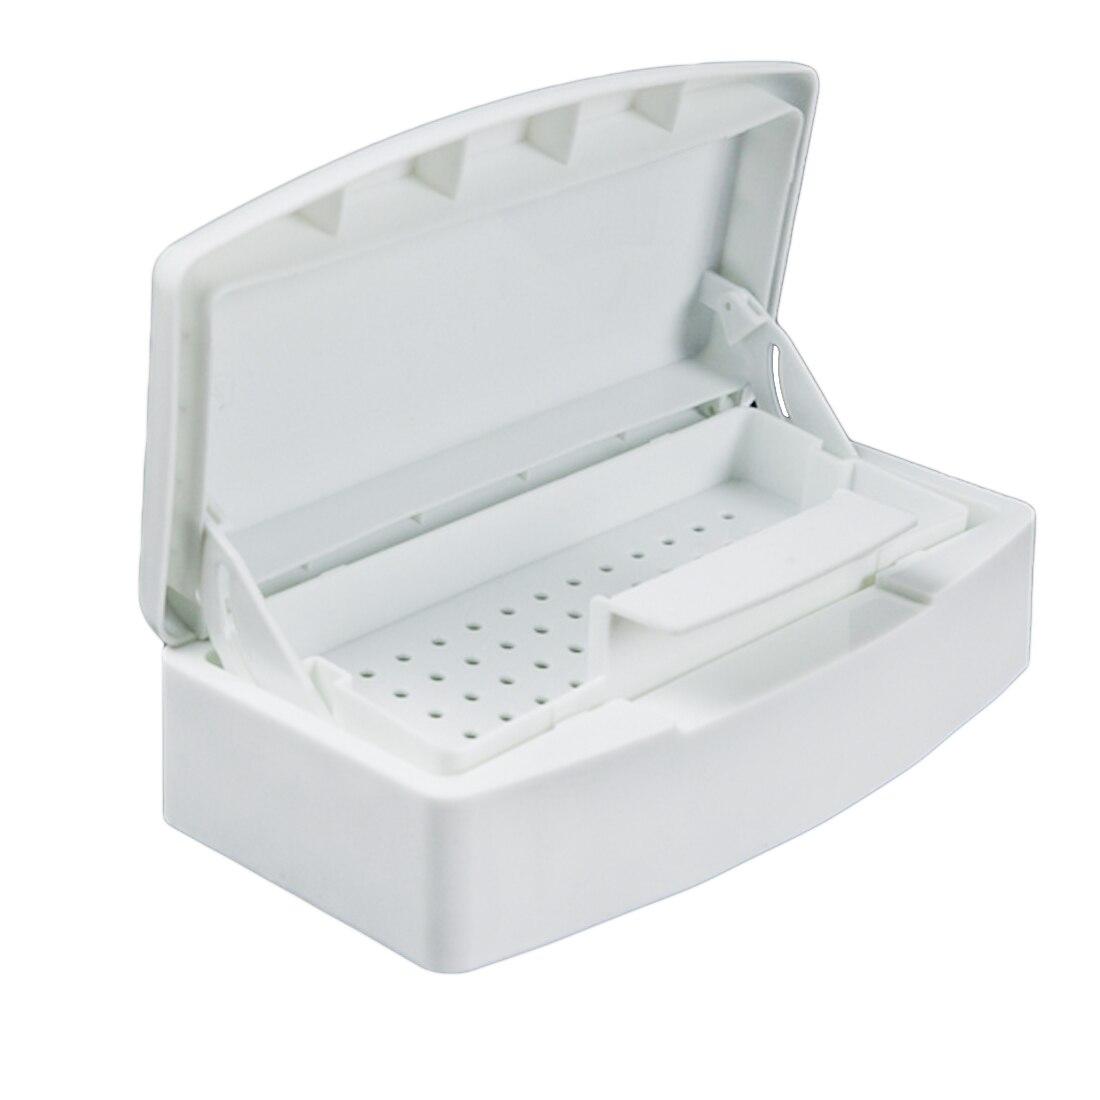 Vendita calda Professionale Del Chiodo Sterilizzatore Vassoio di Disinfezione Pedicure Manicure Scatola di Chiodi di Arte Scatole di Sterilizzazione Salon Tools